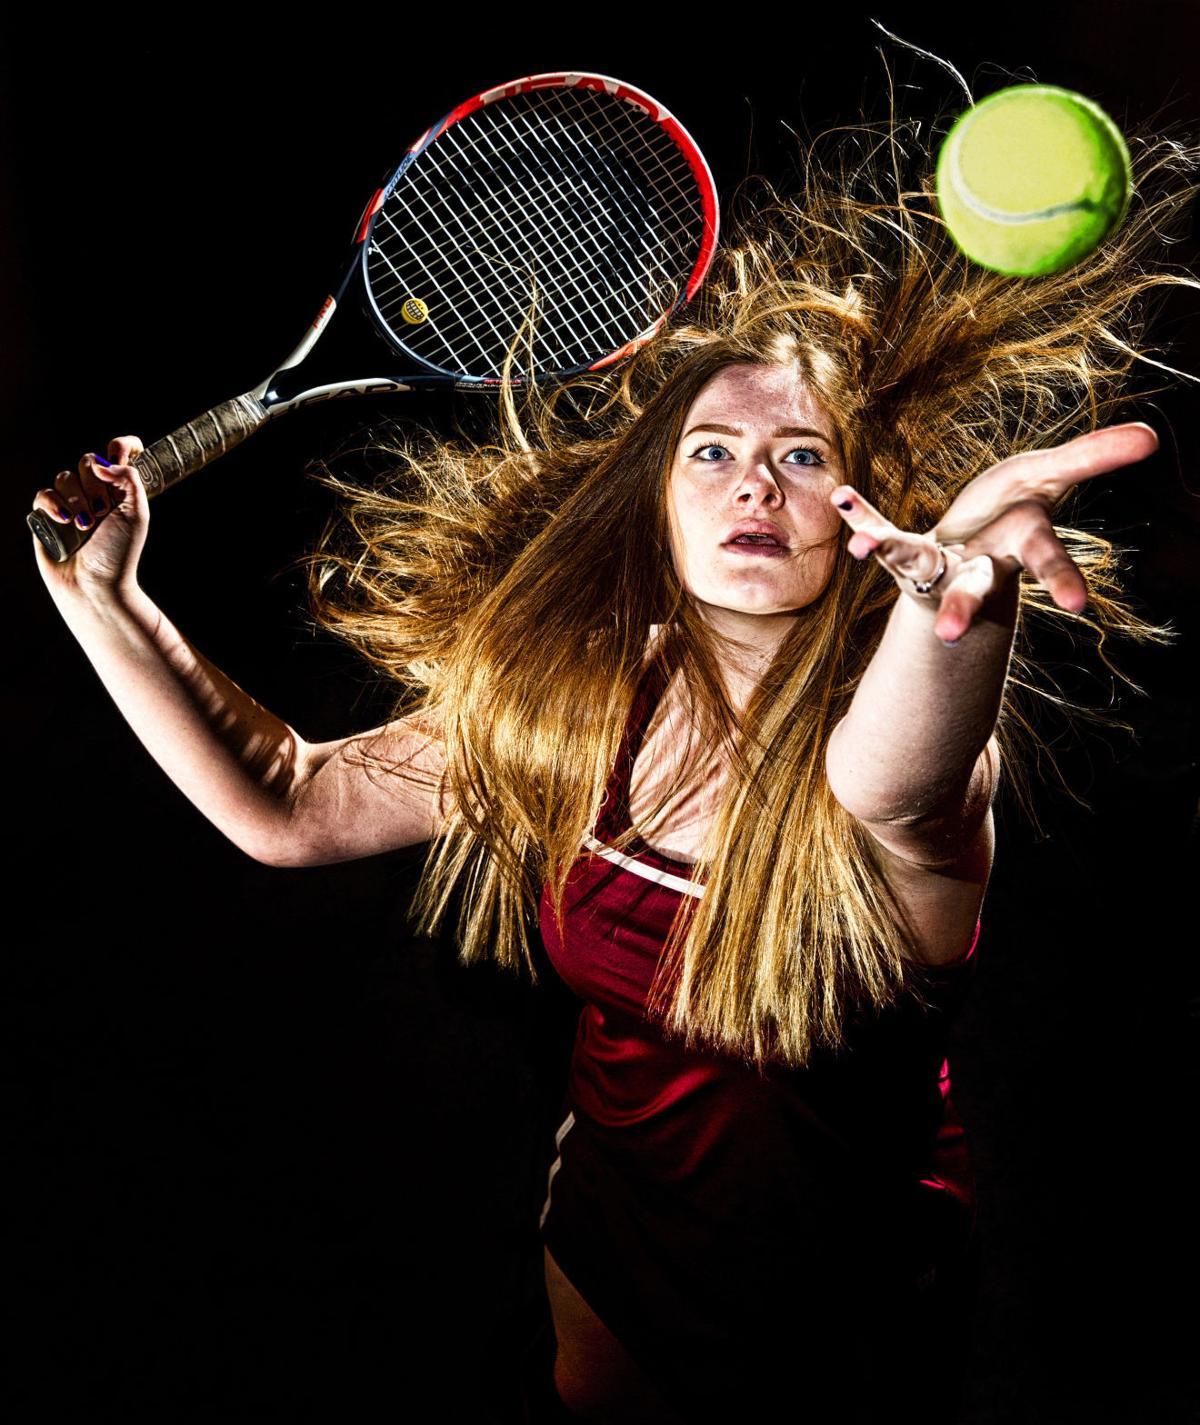 Tennis portrait